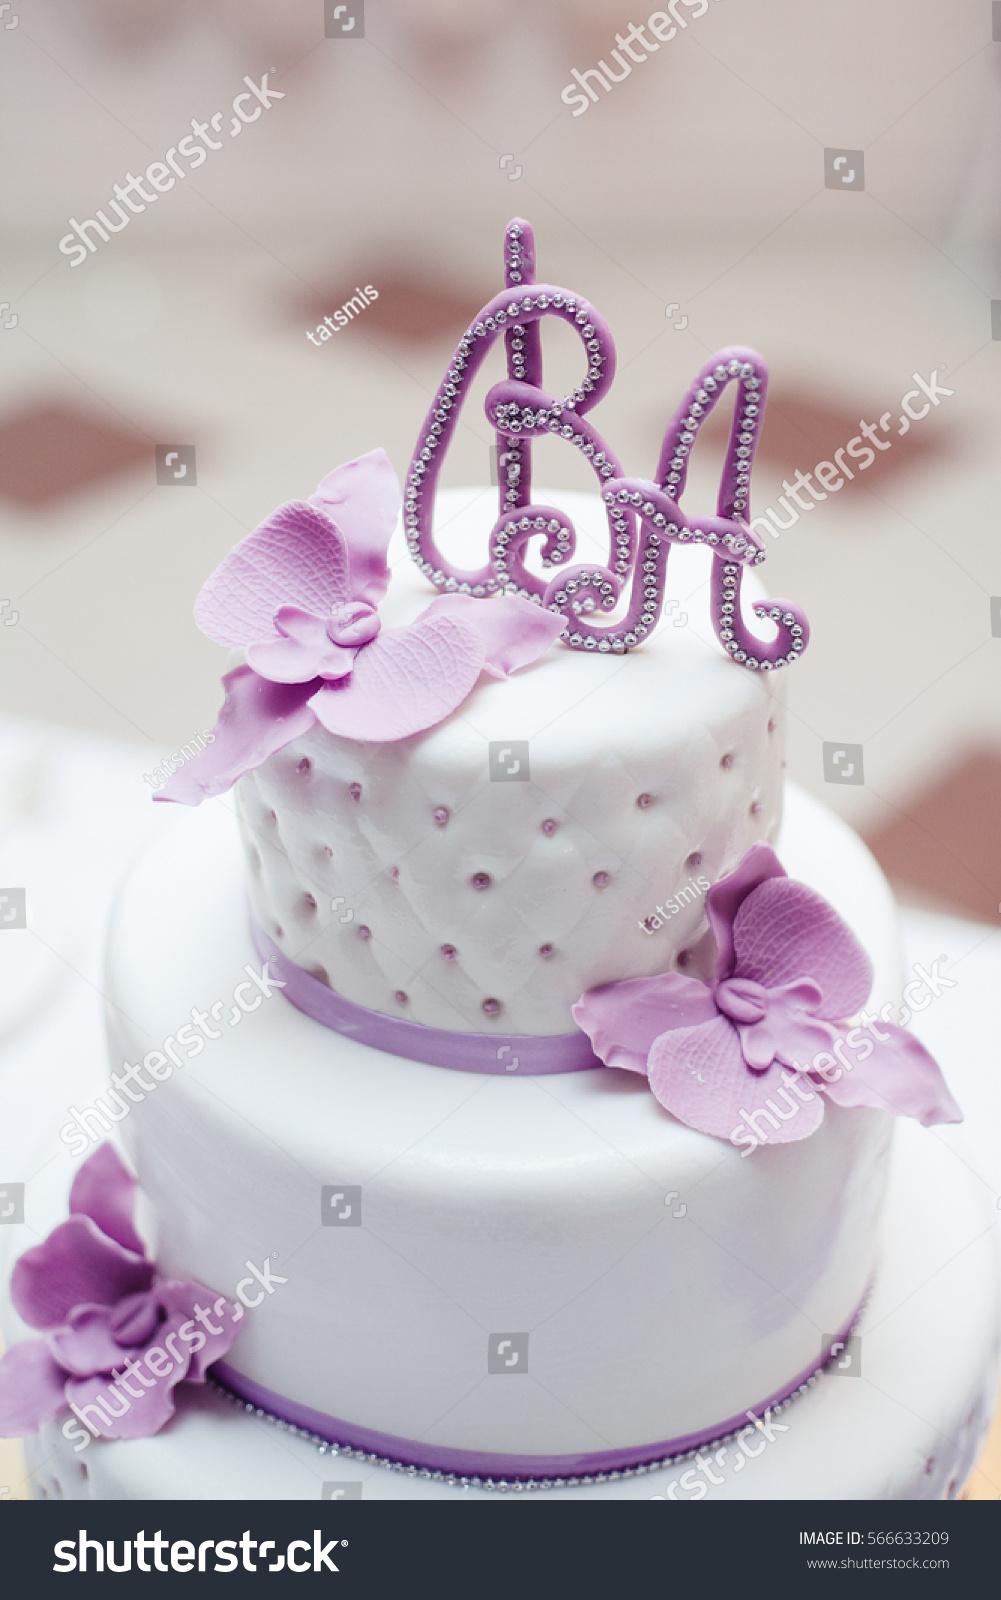 Sweet Multilevel Wedding Cake On Wedding Stock Photo (Royalty Free ...